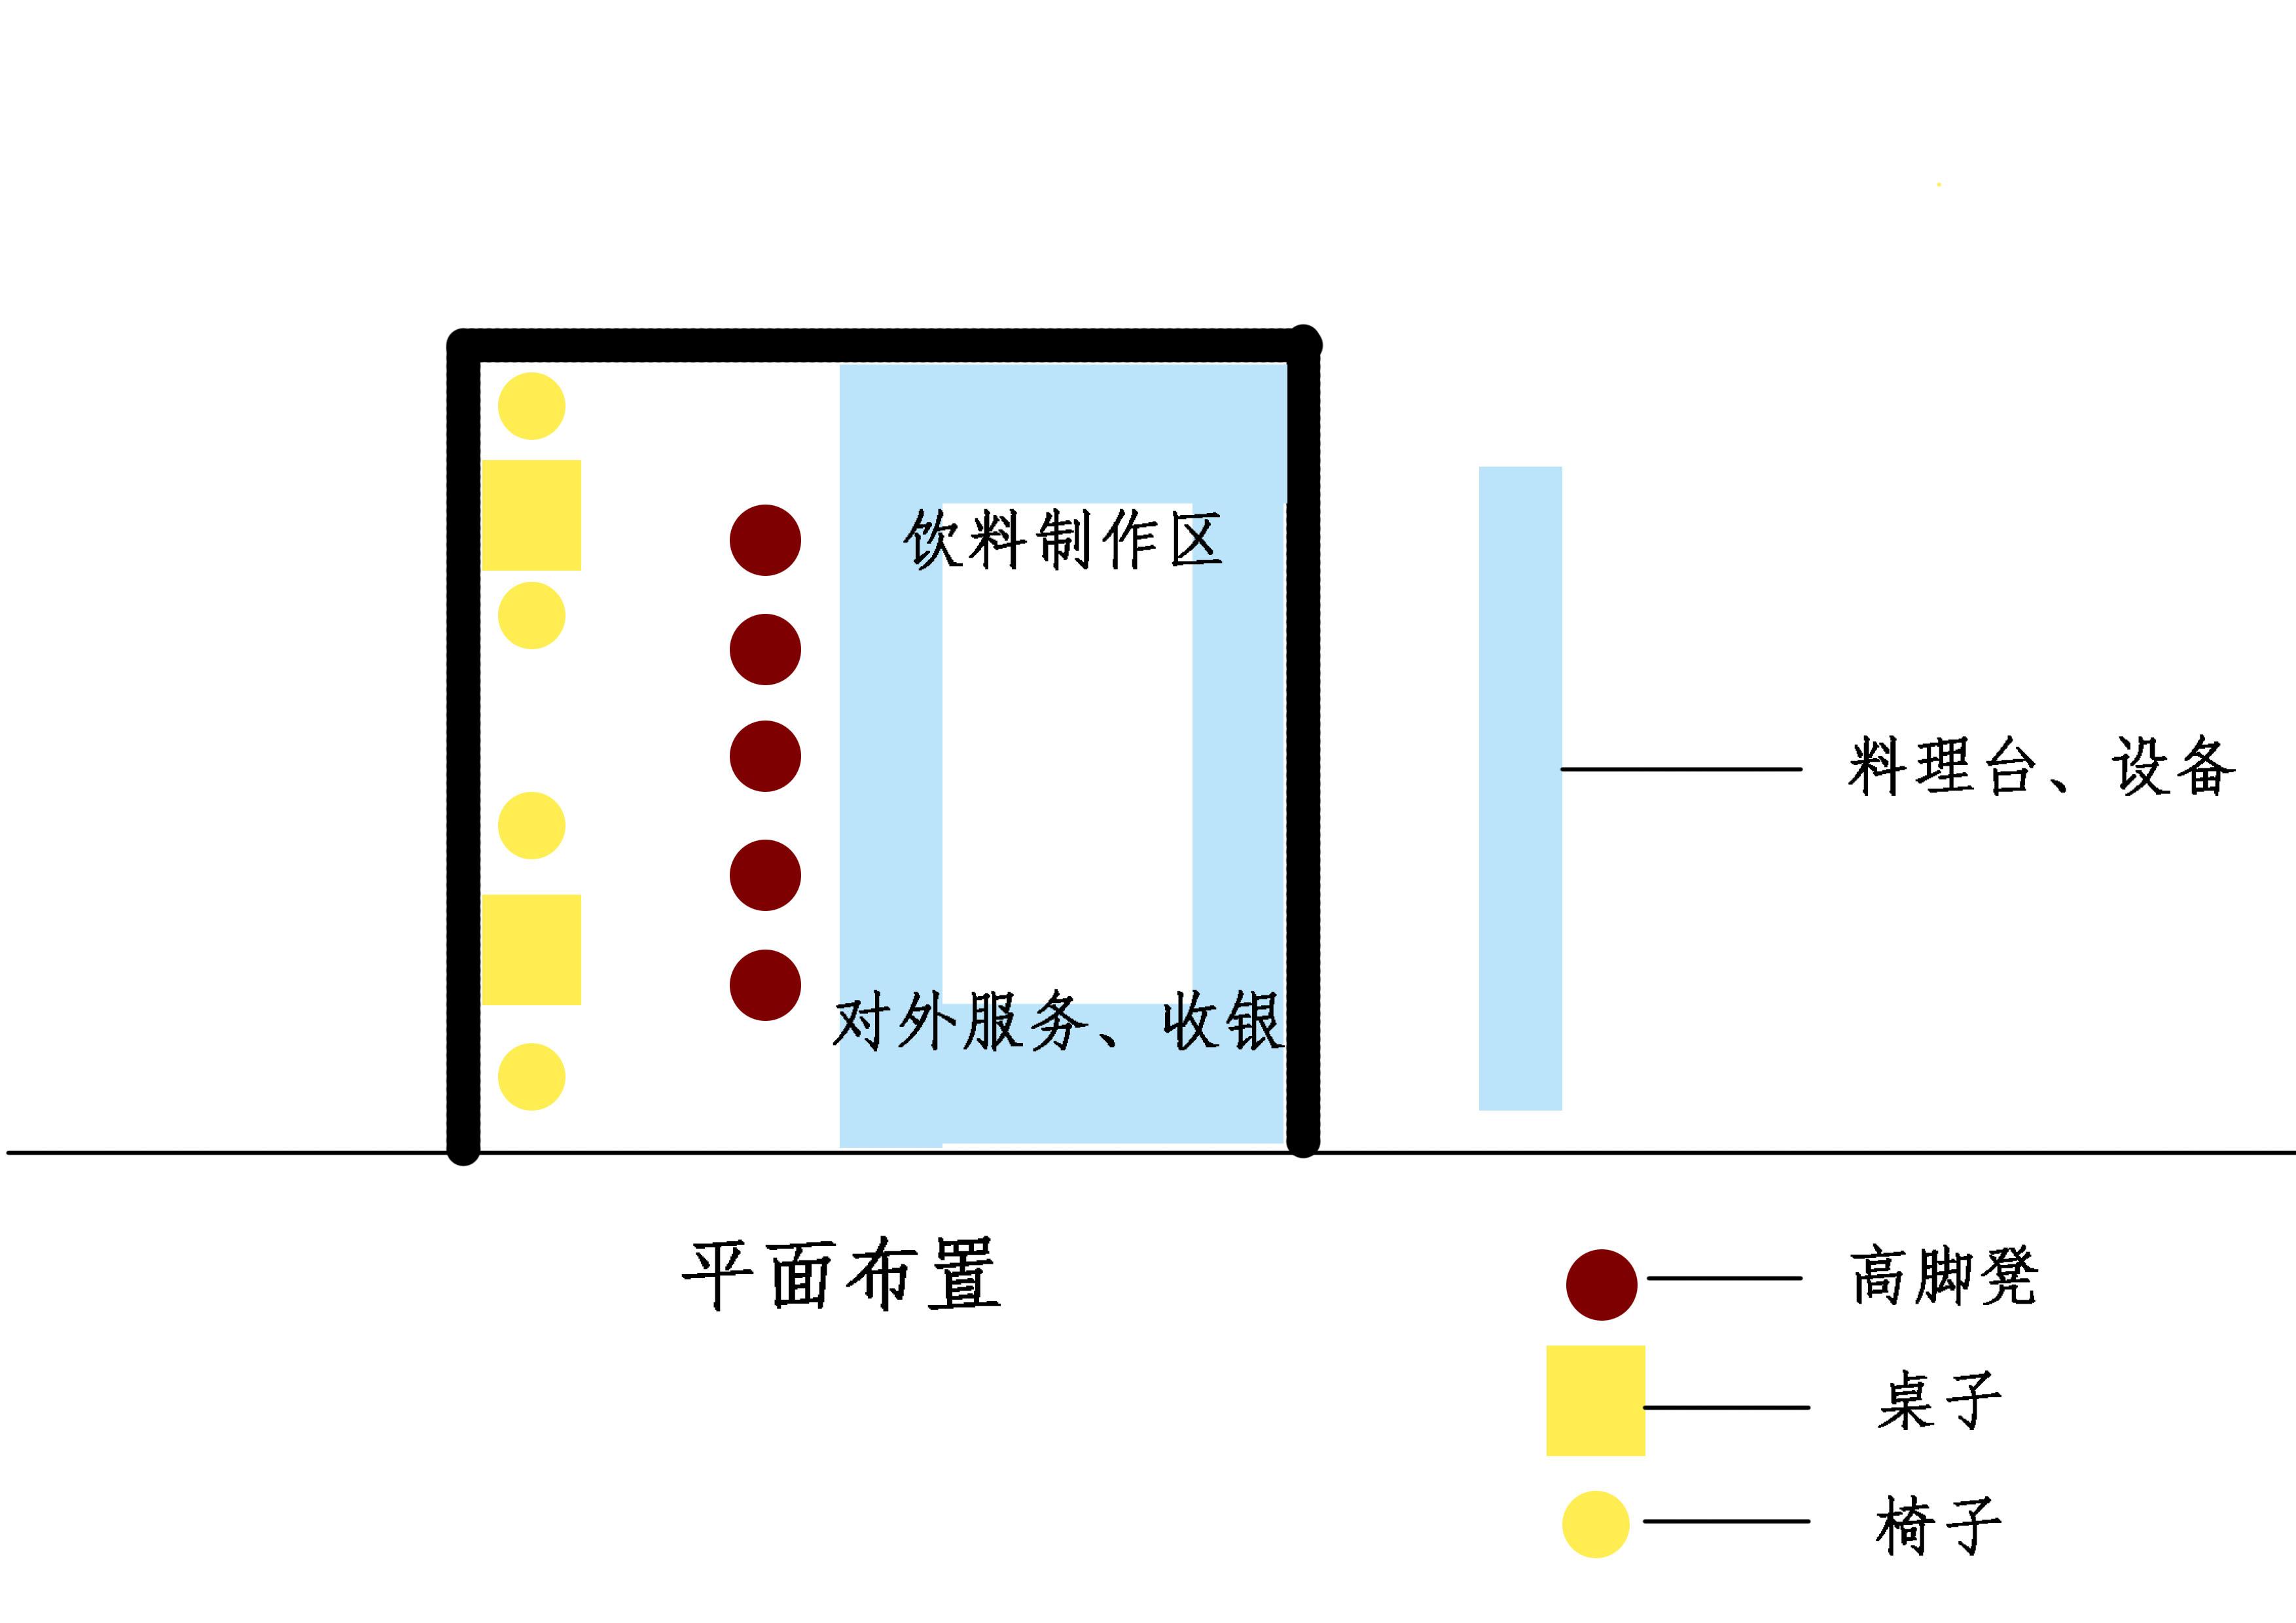 征集品牌奶茶店设计方案效果_店面装修设计_建筑装修